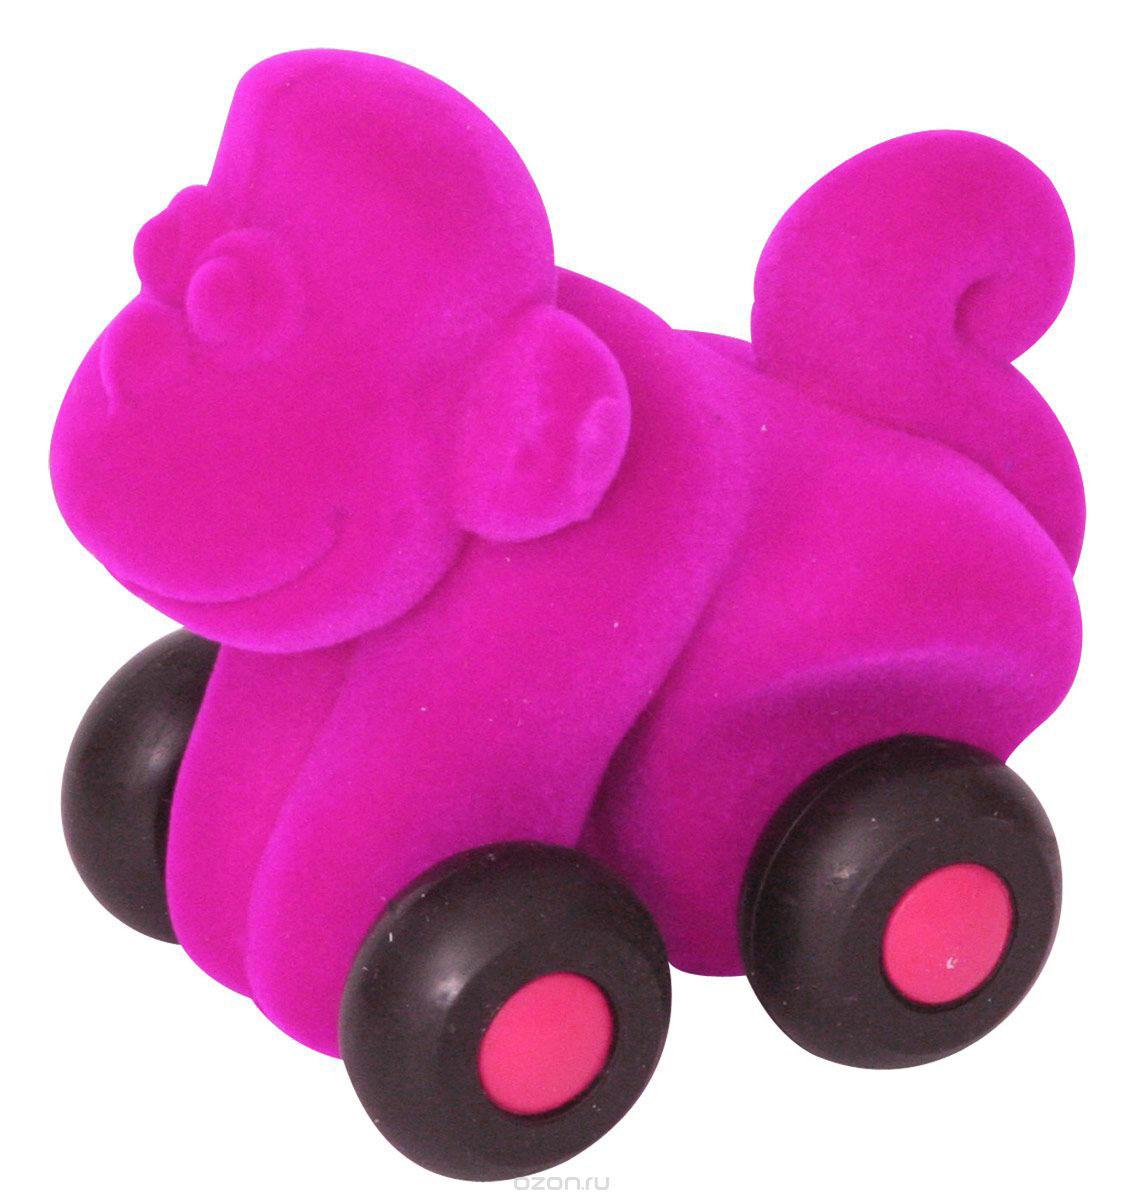 Rubbabu Фигурка функциональная Обезьяна цвет пурпурный машины rubbabu скутер из натурального каучука с флоковым покрытием 21 см